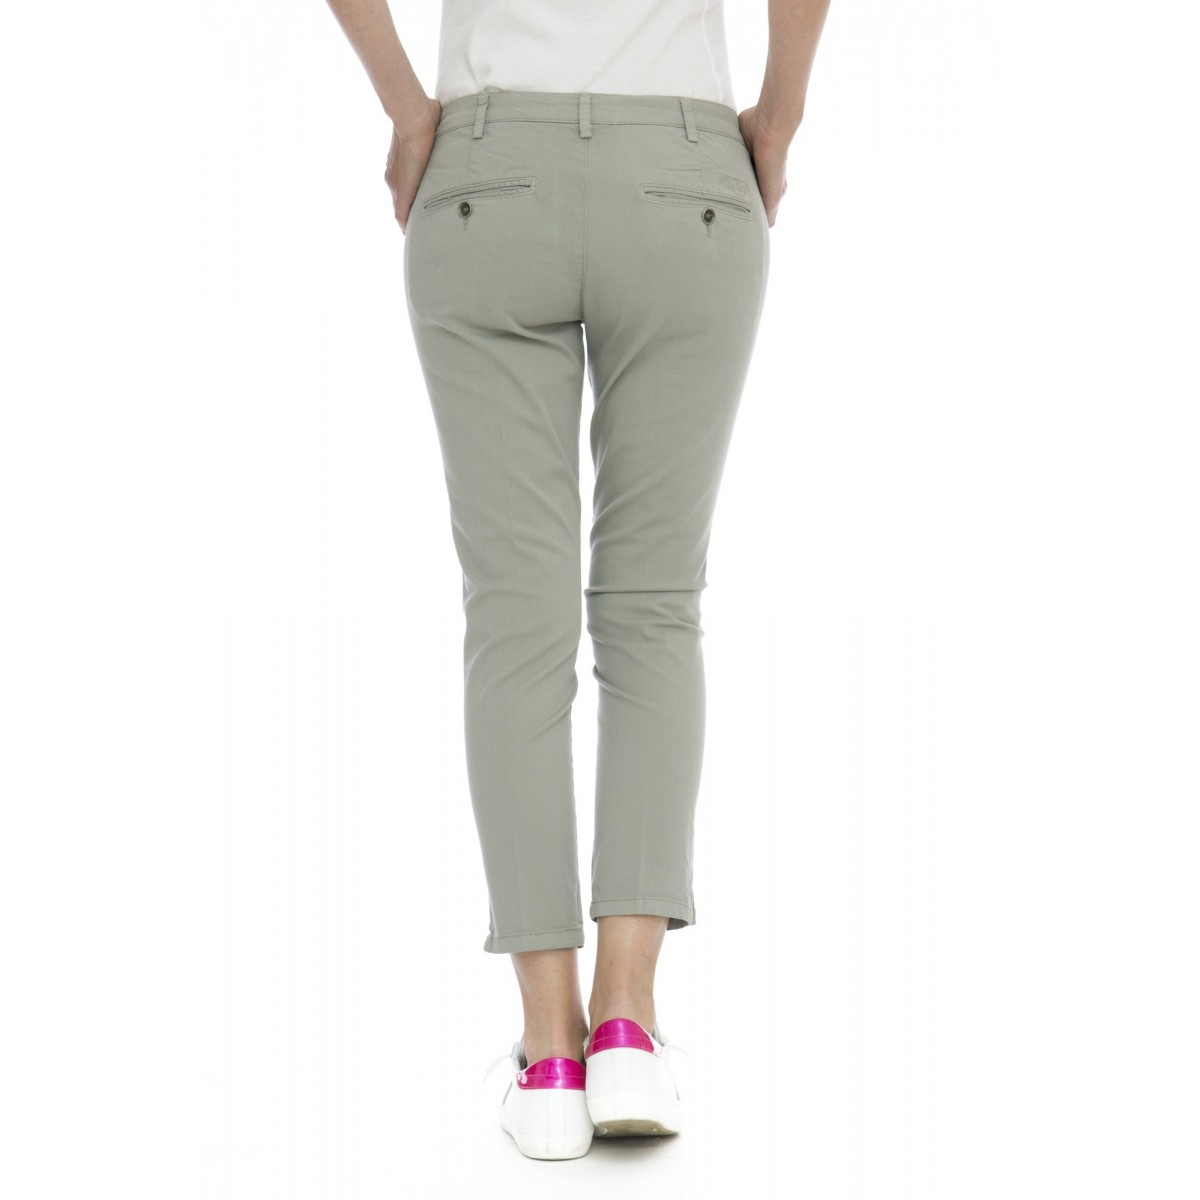 Pantalone donna - Melitas 9531 tinta unita